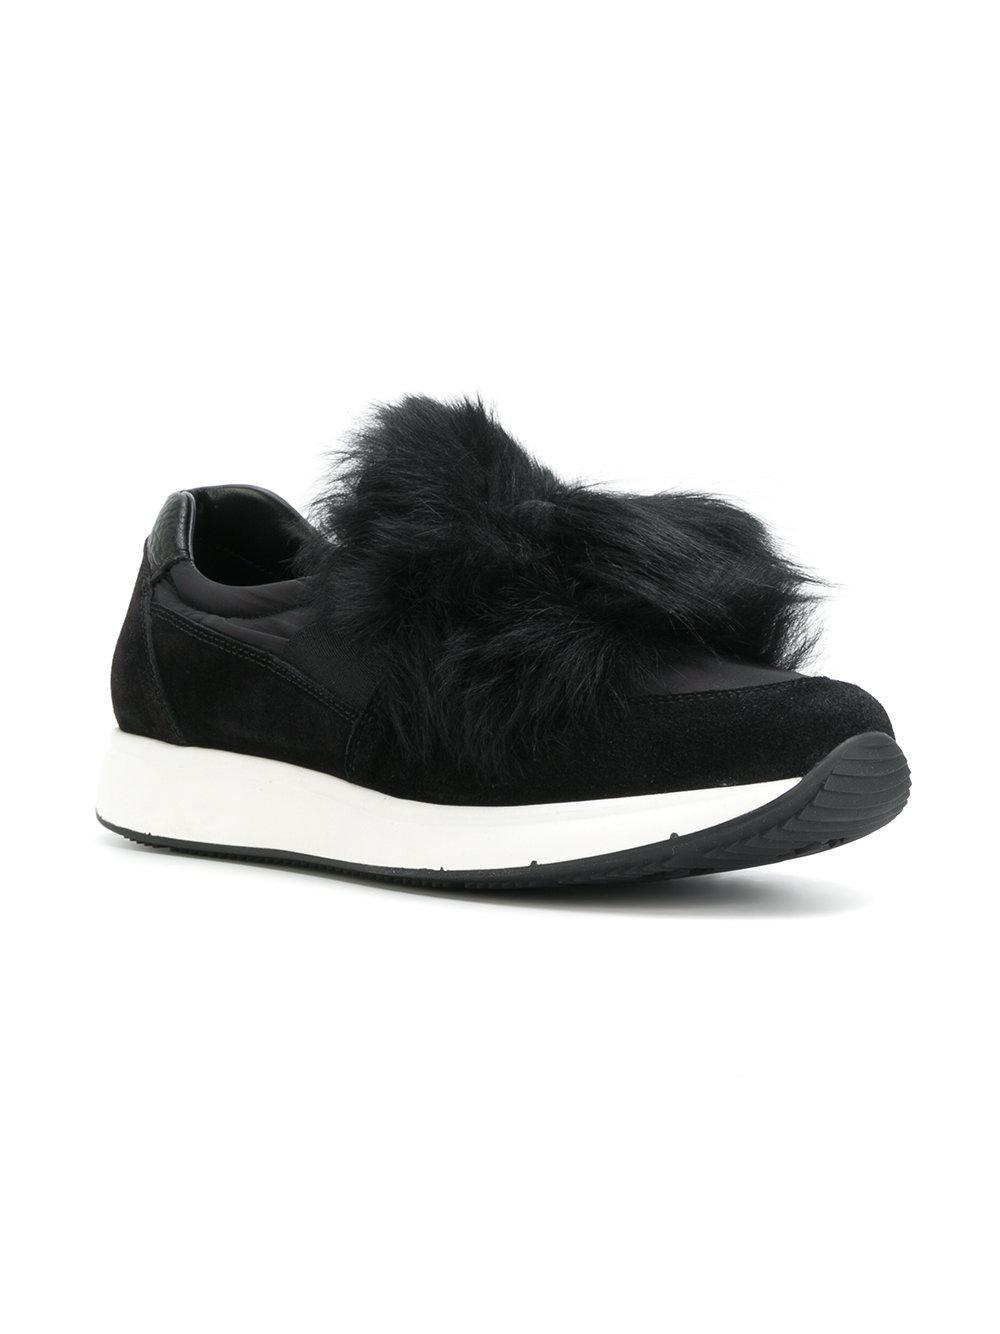 Car Shoe Slip On Fur Sneakers in Black